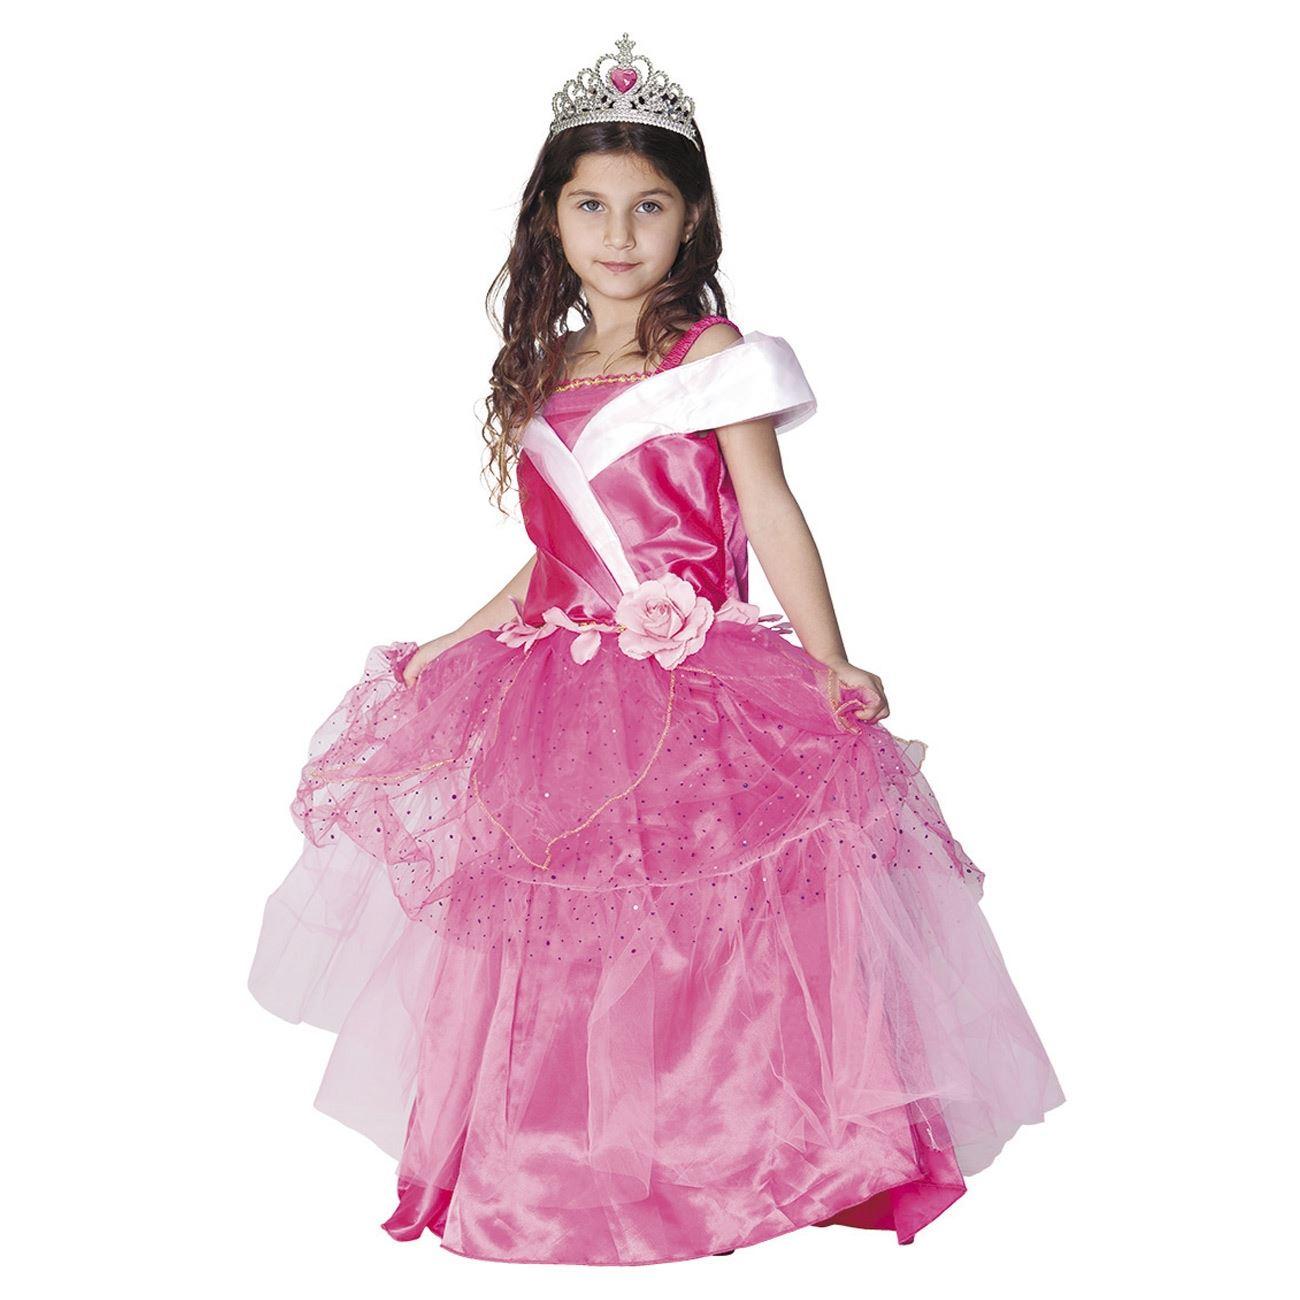 Αποκριάτικη Στολή Πριγκίπισσα Φούξια Φόρεμα bac9c32480a